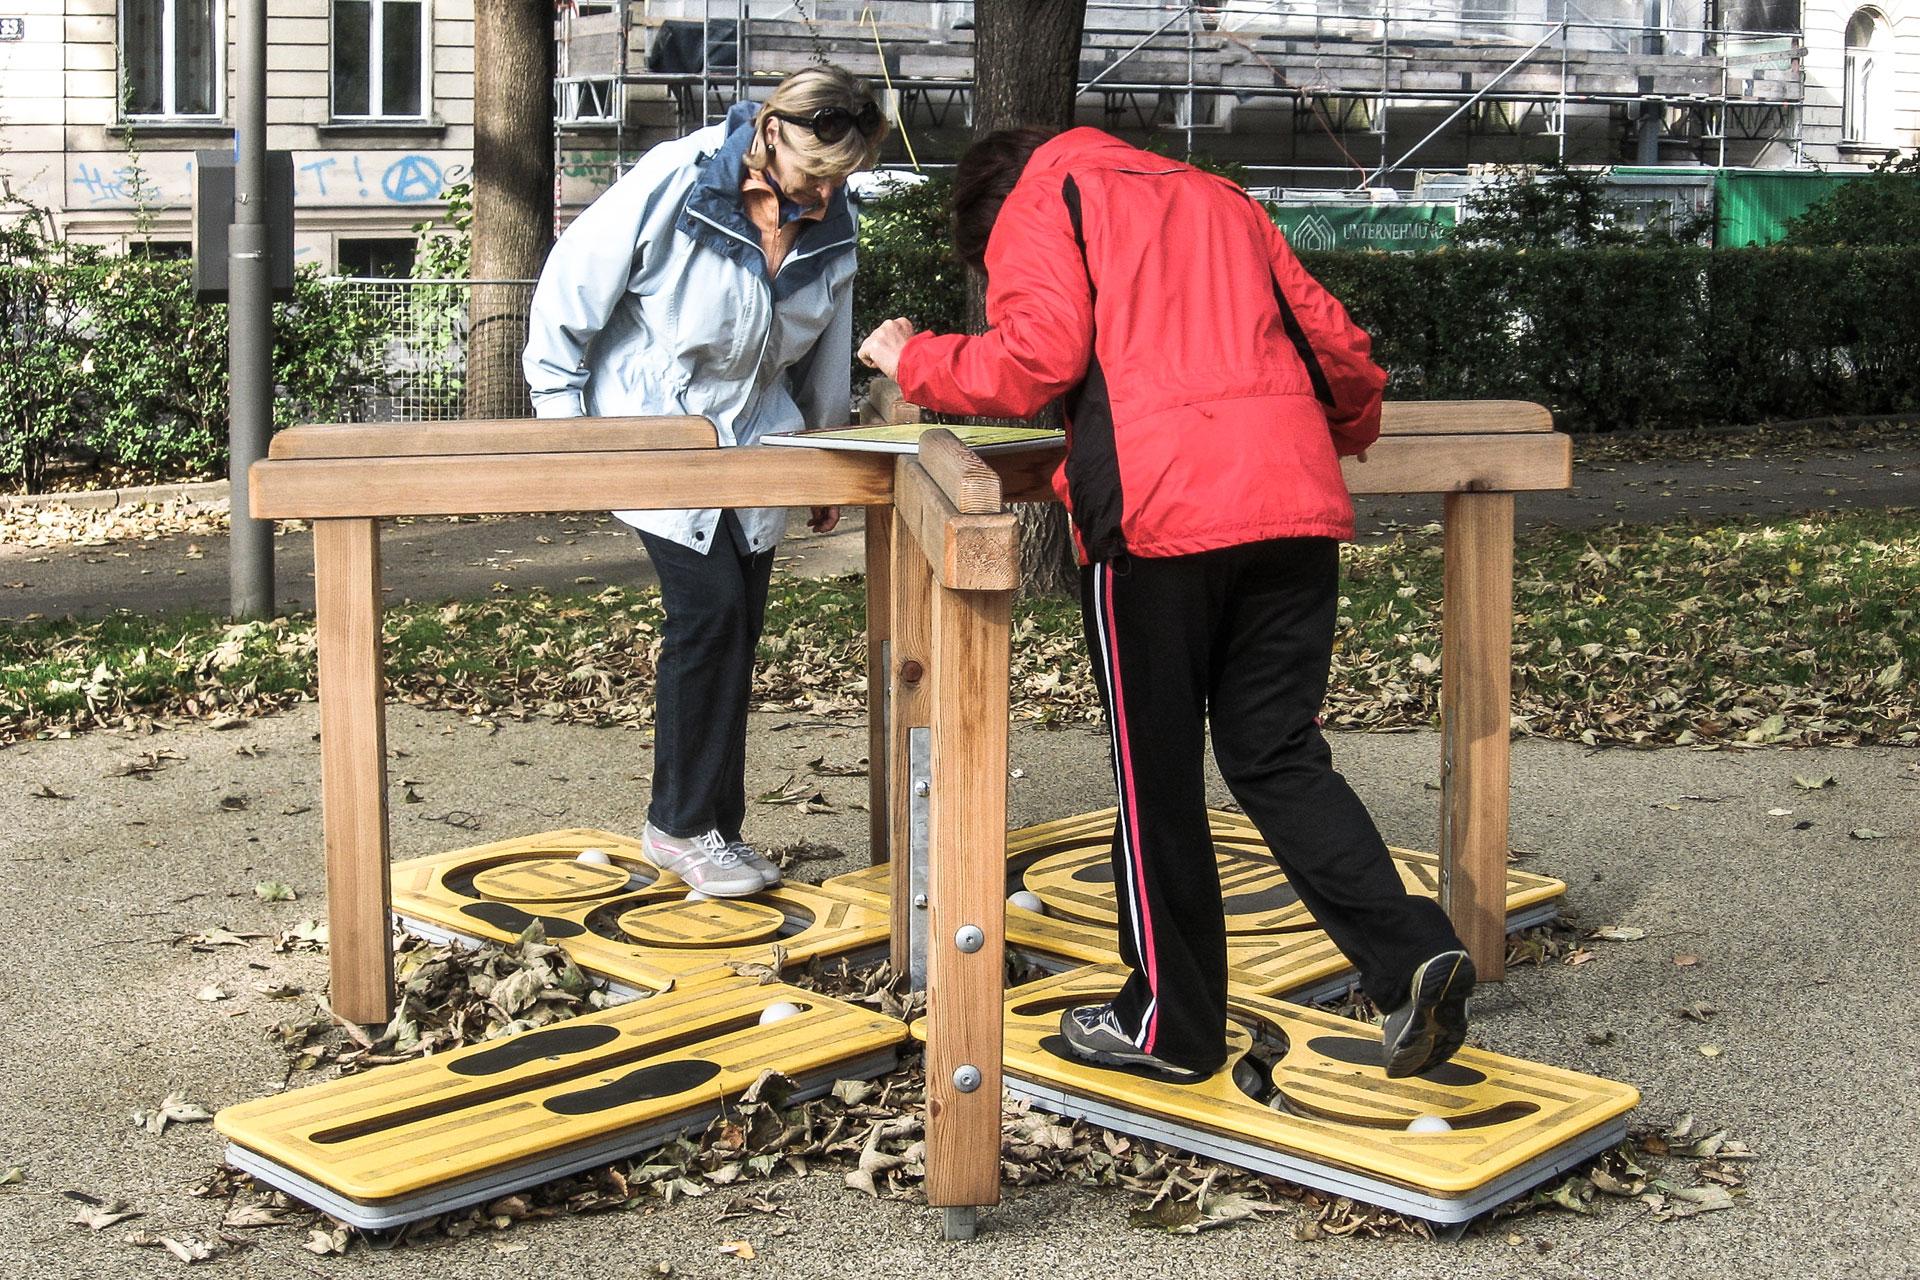 Pensionistinnen trainieren auf Geschicklichkeits-Kugelbahn im Seniorenpark Wien Rossau